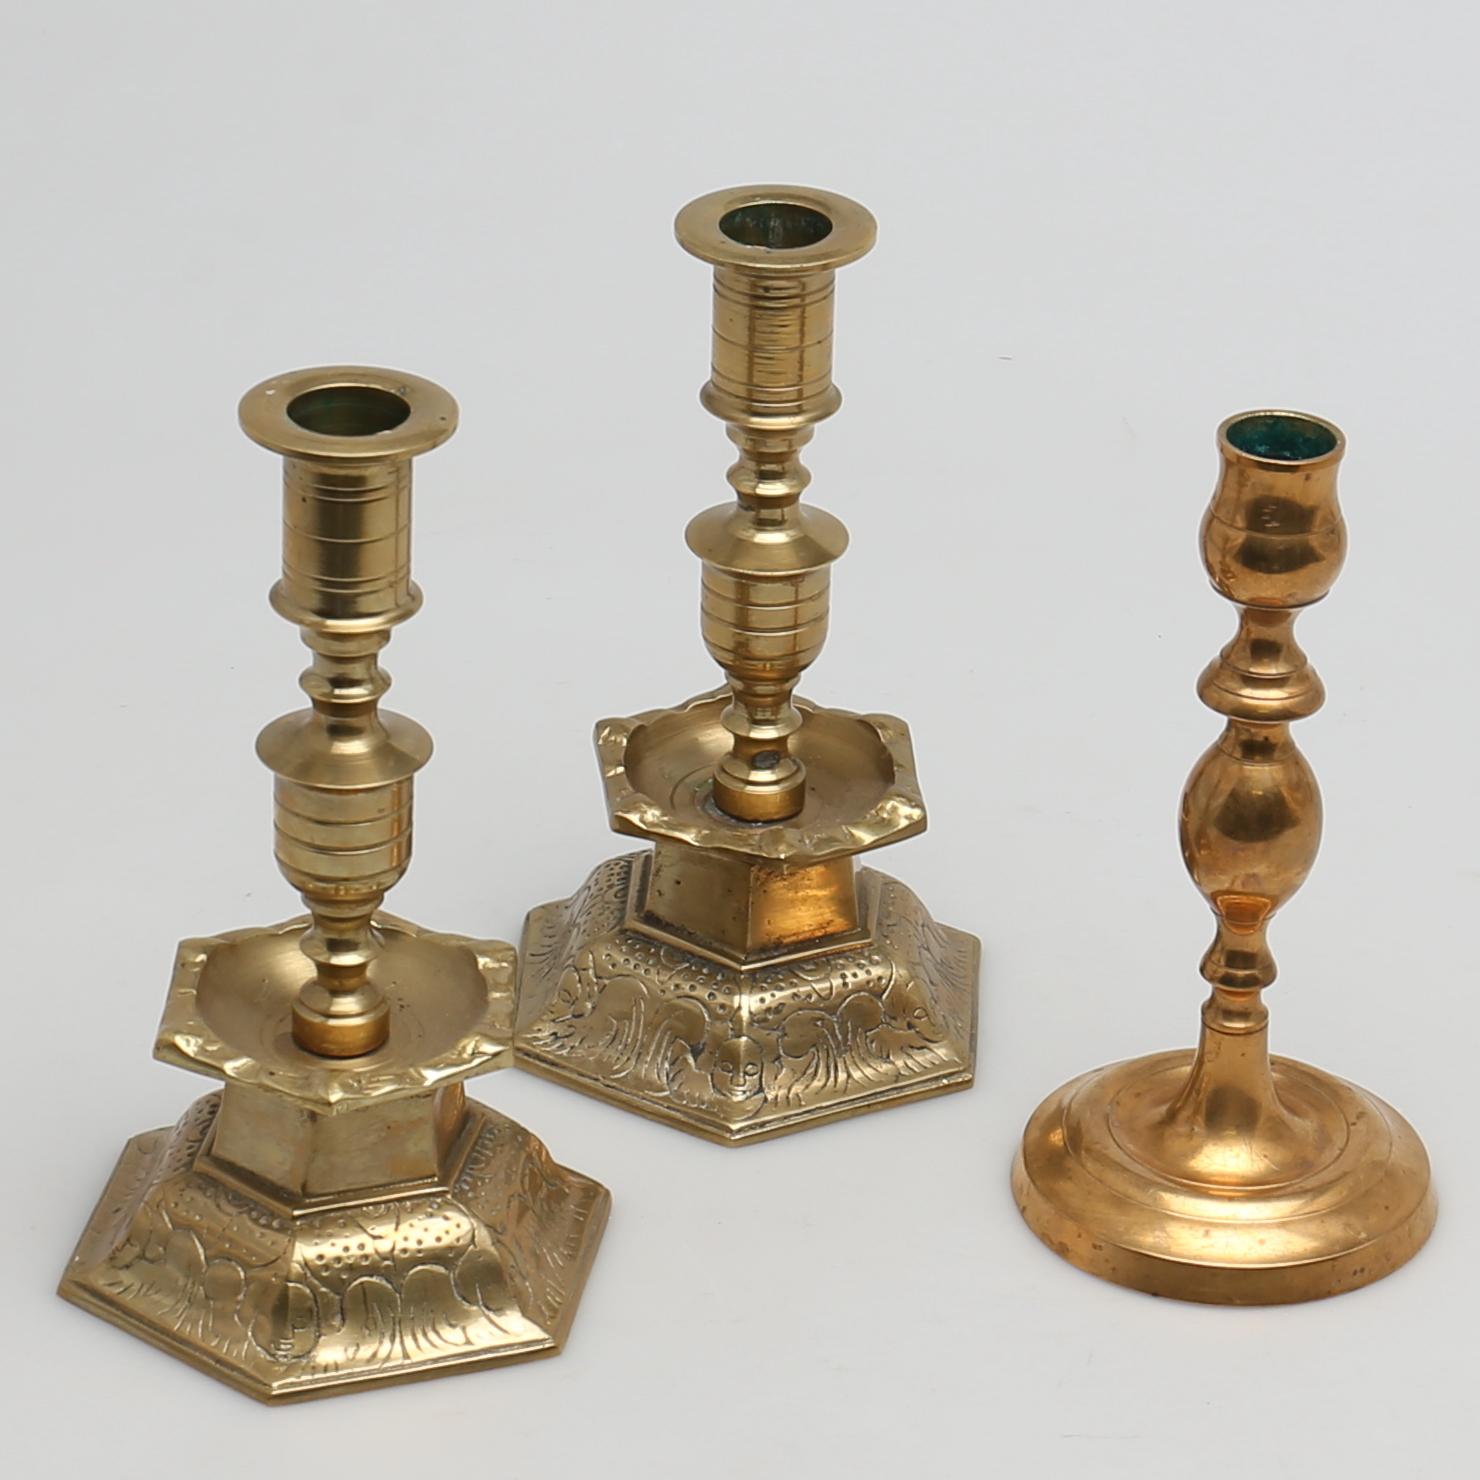 malm ljusstake LJUSSTAKAR i malm, mässing. 3 st. Bl a barock stil. Silver & Metal  malm ljusstake